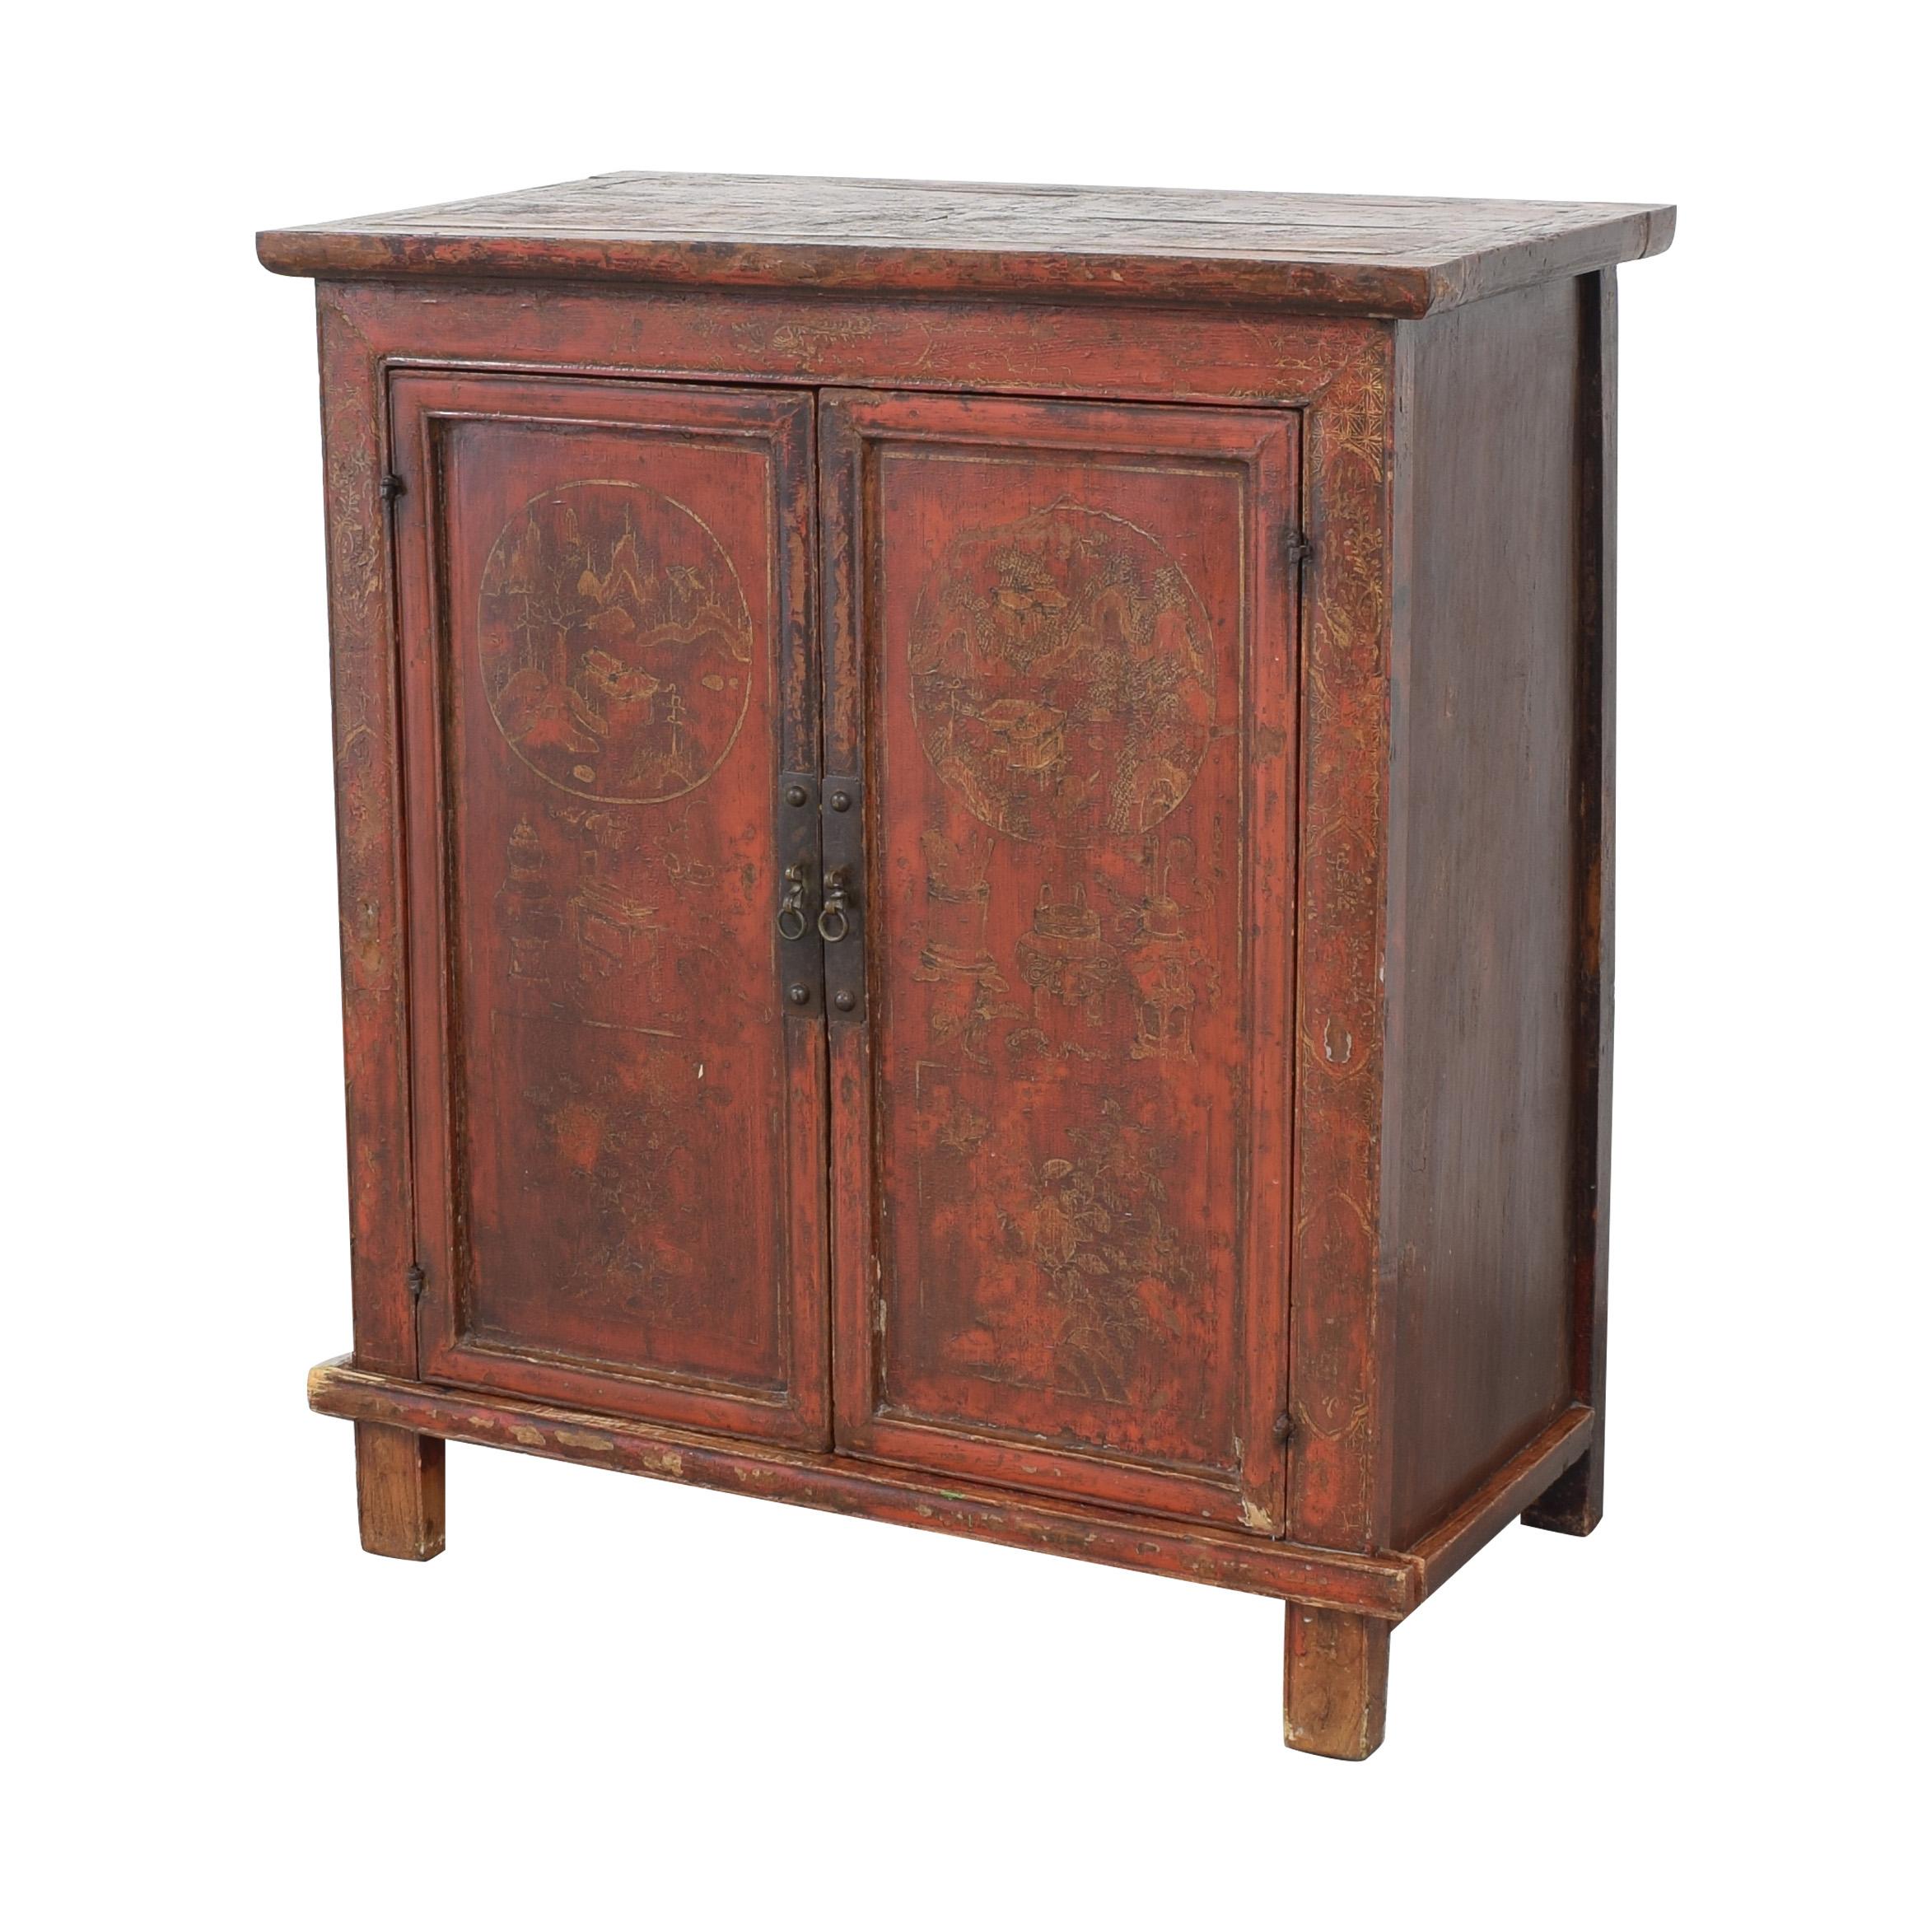 Vintage Cabinet for sale